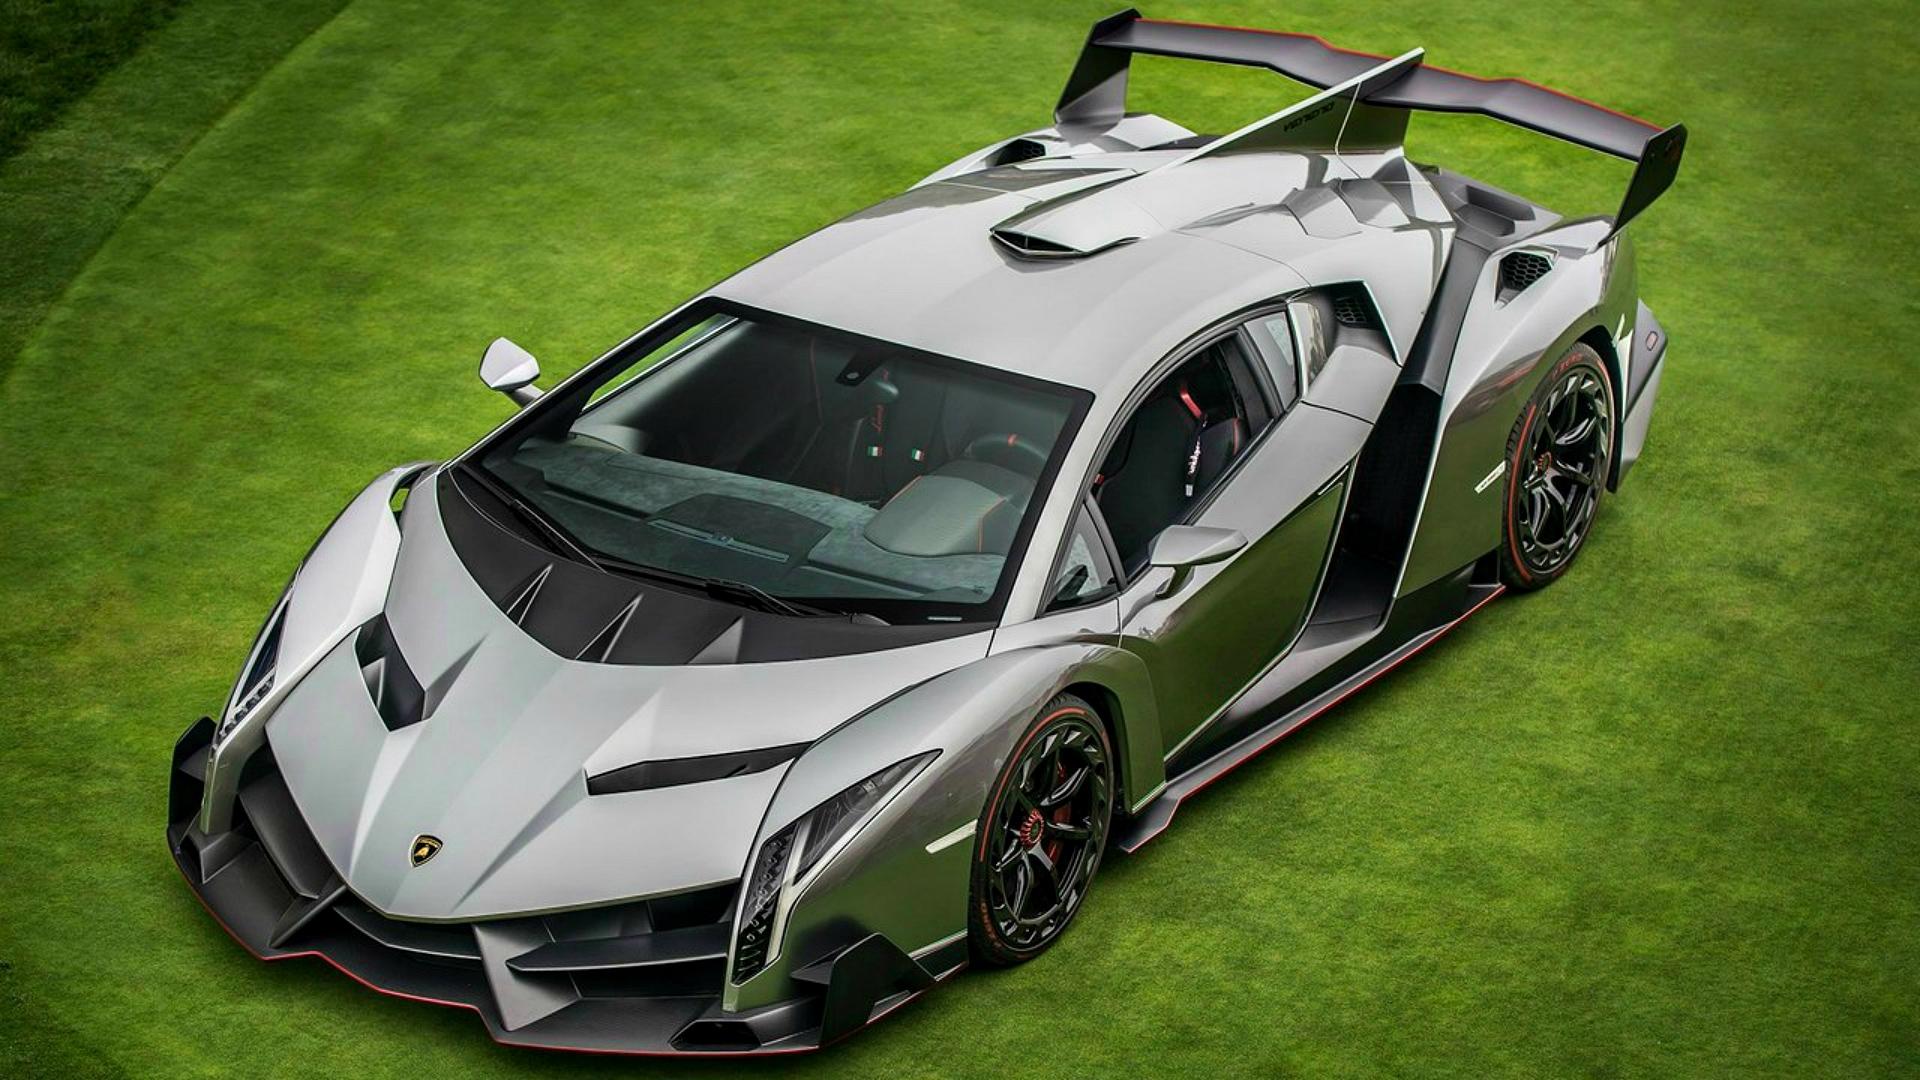 Очень крутые машины в картинках